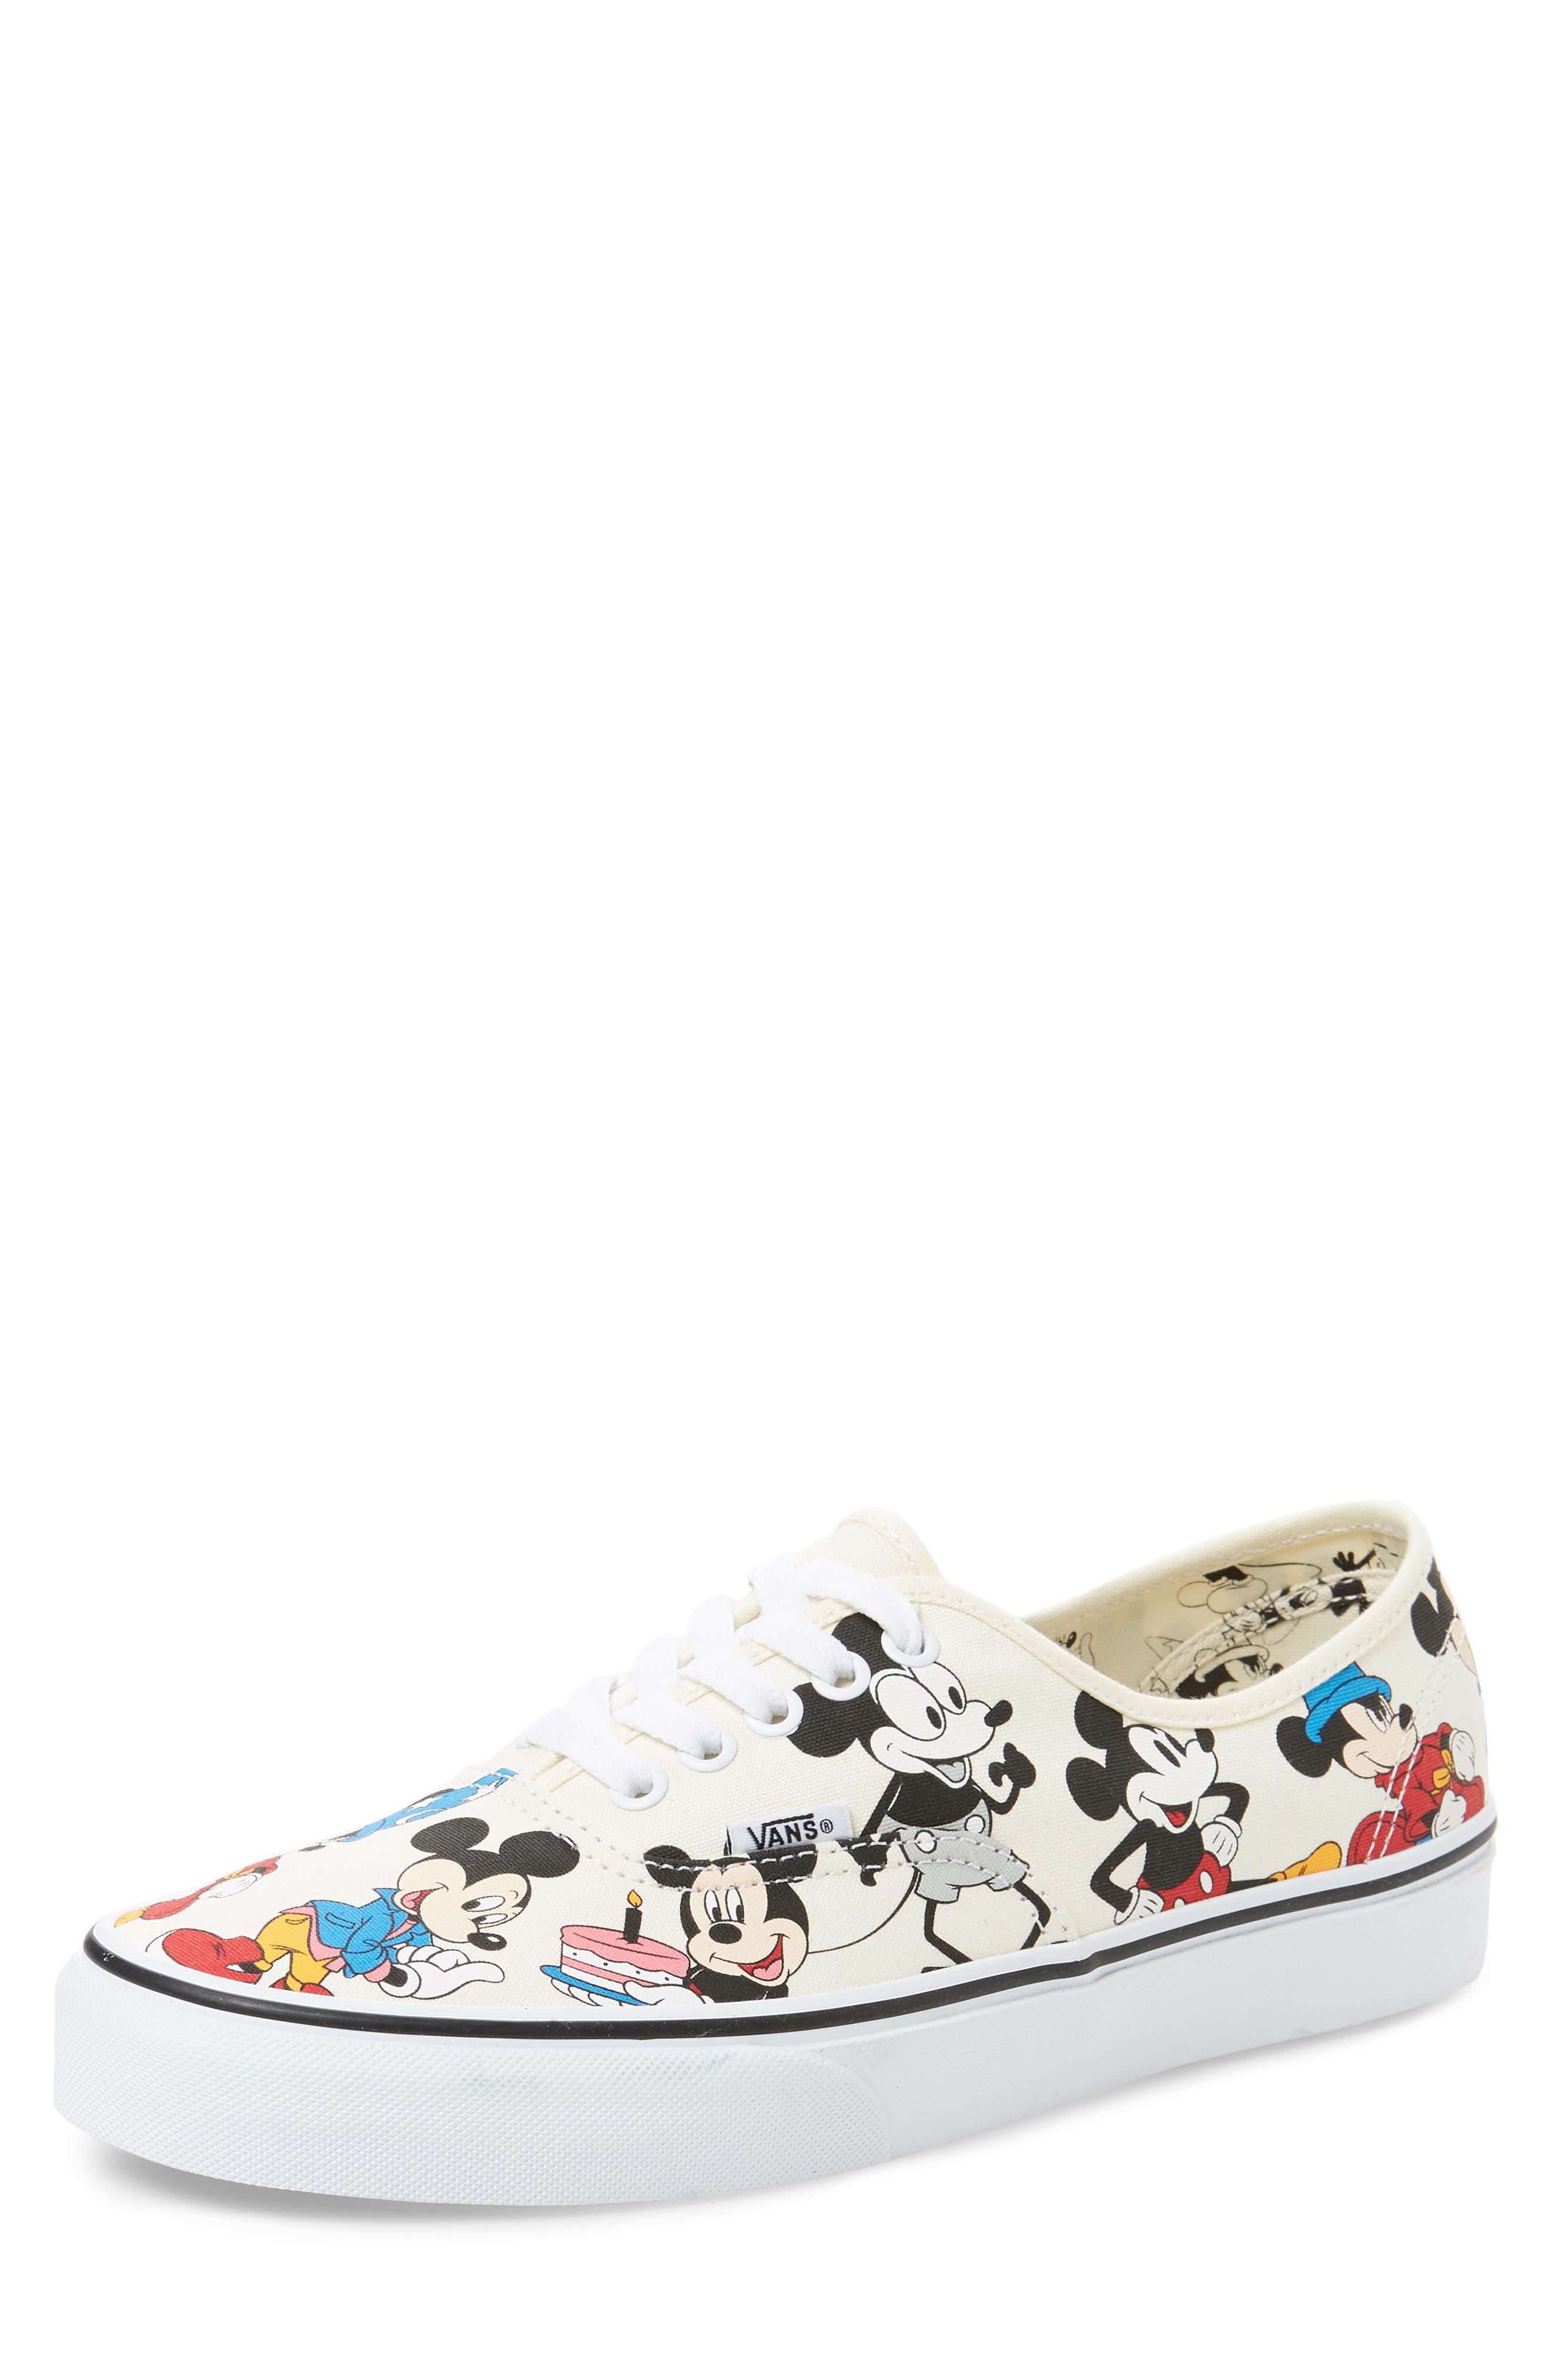 VANS, x Disney Authentic Low Top Sneaker, Main thumbnail 1, color, 250